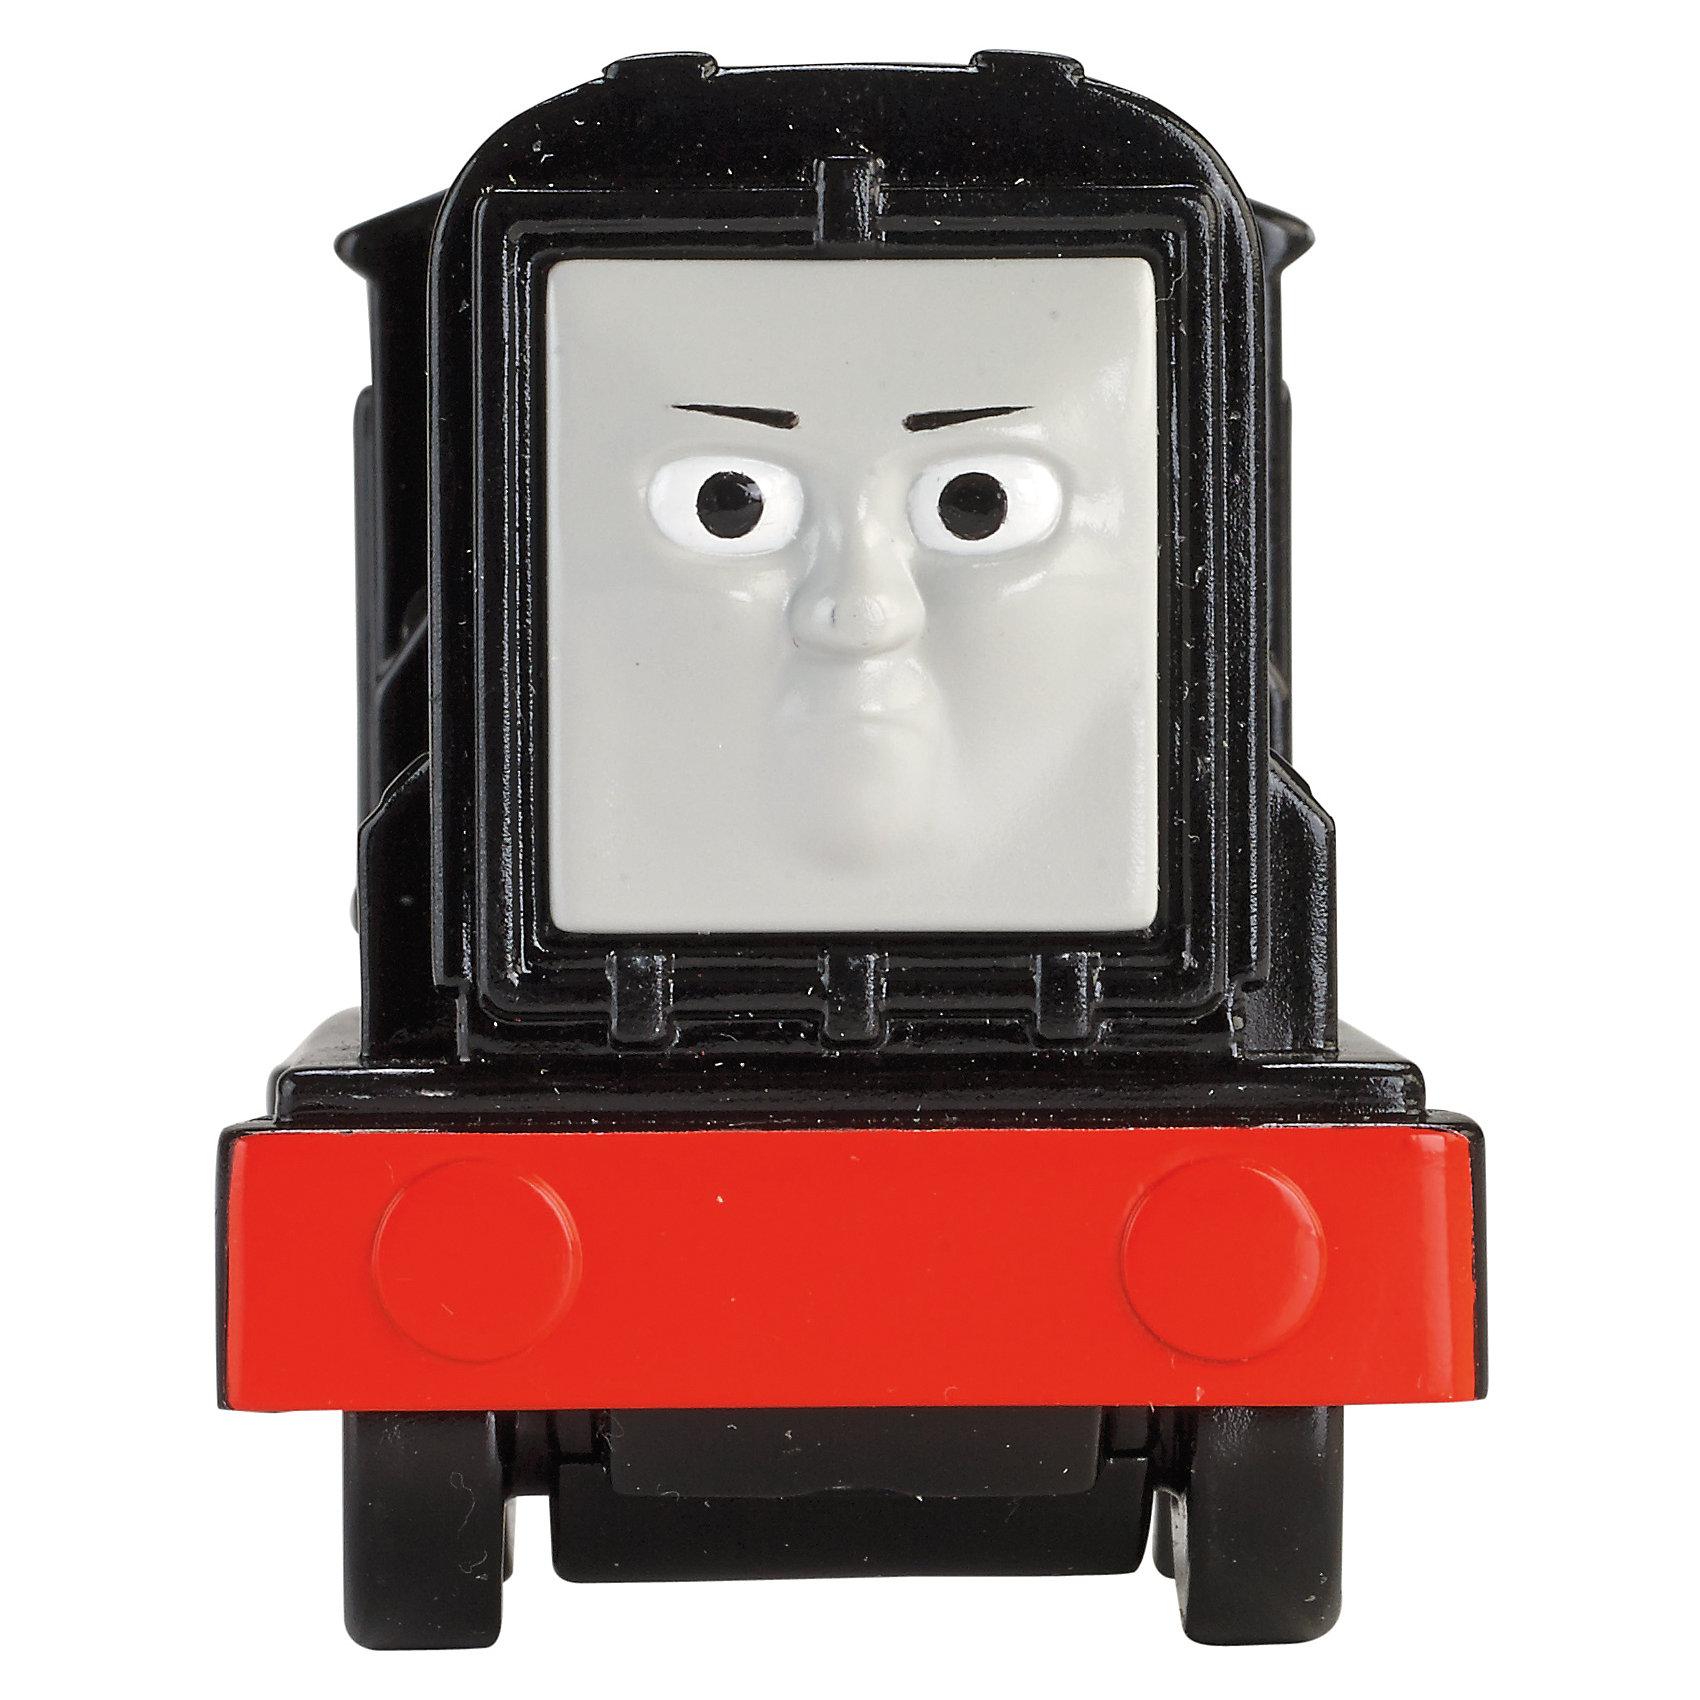 Веселые друзья-паровозики, Томас и его друзьяВеселые друзья-паровозики, Томас и его друзья – это паровозик привлечет внимание вашего малыша и не позволит ему скучать.<br>Маленький, свободно перемещающийся паровозик Дизель выполнен из пластика в виде персонажа популярного мультсериала Томас и его друзья. Дизель – это дизель-электровоз черного цвета. Паровозик можно катать по самым разным поверхностям, т.к. у него гладкие колеса. Маленькие паровозики удобны и идеально подходят даже для самых маленьких! Игрушки можно толкать перед собой, что очень понравиться любому малышу! В продаже имеются пять персонажей серии «Томас и его друзья»: Томас, Гарольд, Перси, Гордон и Джеймс.<br><br>Дополнительная информация:<br><br>- Размер паровозика: 9,5 x 5 x 7 см.<br>- Материал: пластик<br><br>Паровозик Дизель серии Веселые друзья-паровозики, Томас и его друзья можно купить в нашем интернет-магазине.<br><br>Ширина мм: 310<br>Глубина мм: 305<br>Высота мм: 100<br>Вес г: 106<br>Возраст от месяцев: 18<br>Возраст до месяцев: 36<br>Пол: Мужской<br>Возраст: Детский<br>SKU: 4713584